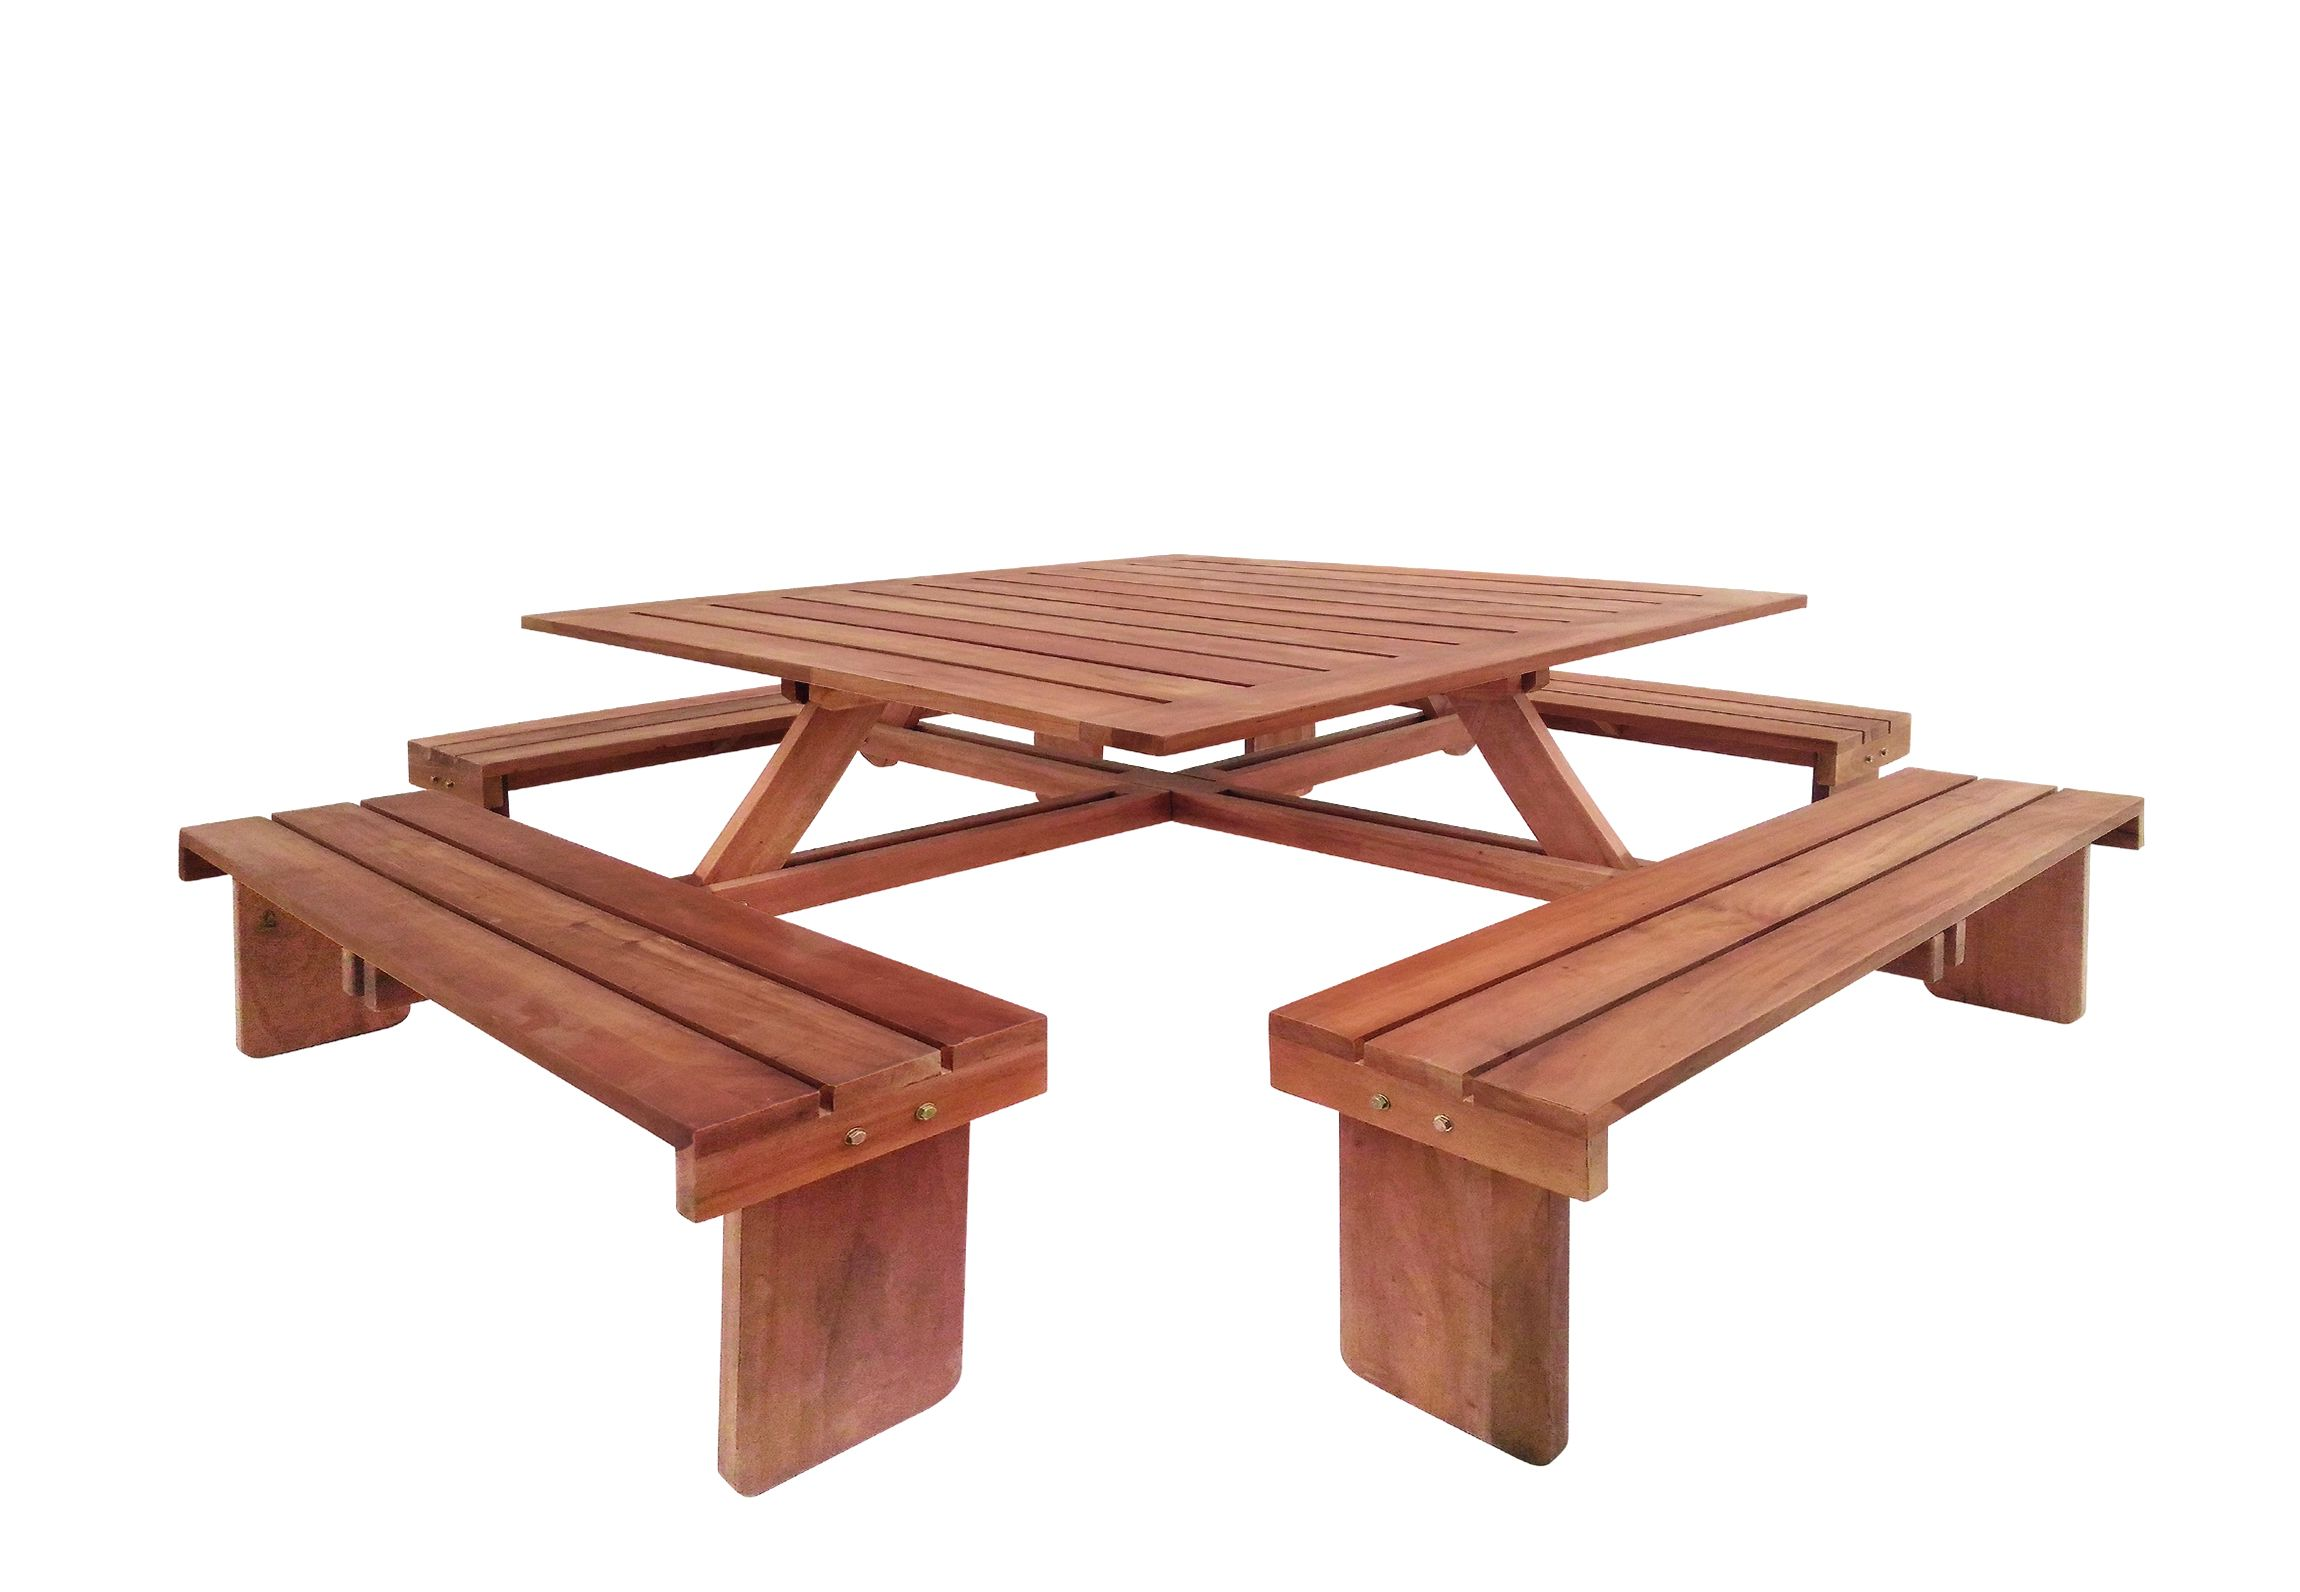 Picknicktafel Goede Kwaliteit.Hardhouten Picknicktafel Vierkant 210 X 210 X 75 Cm Voor 8 Personen